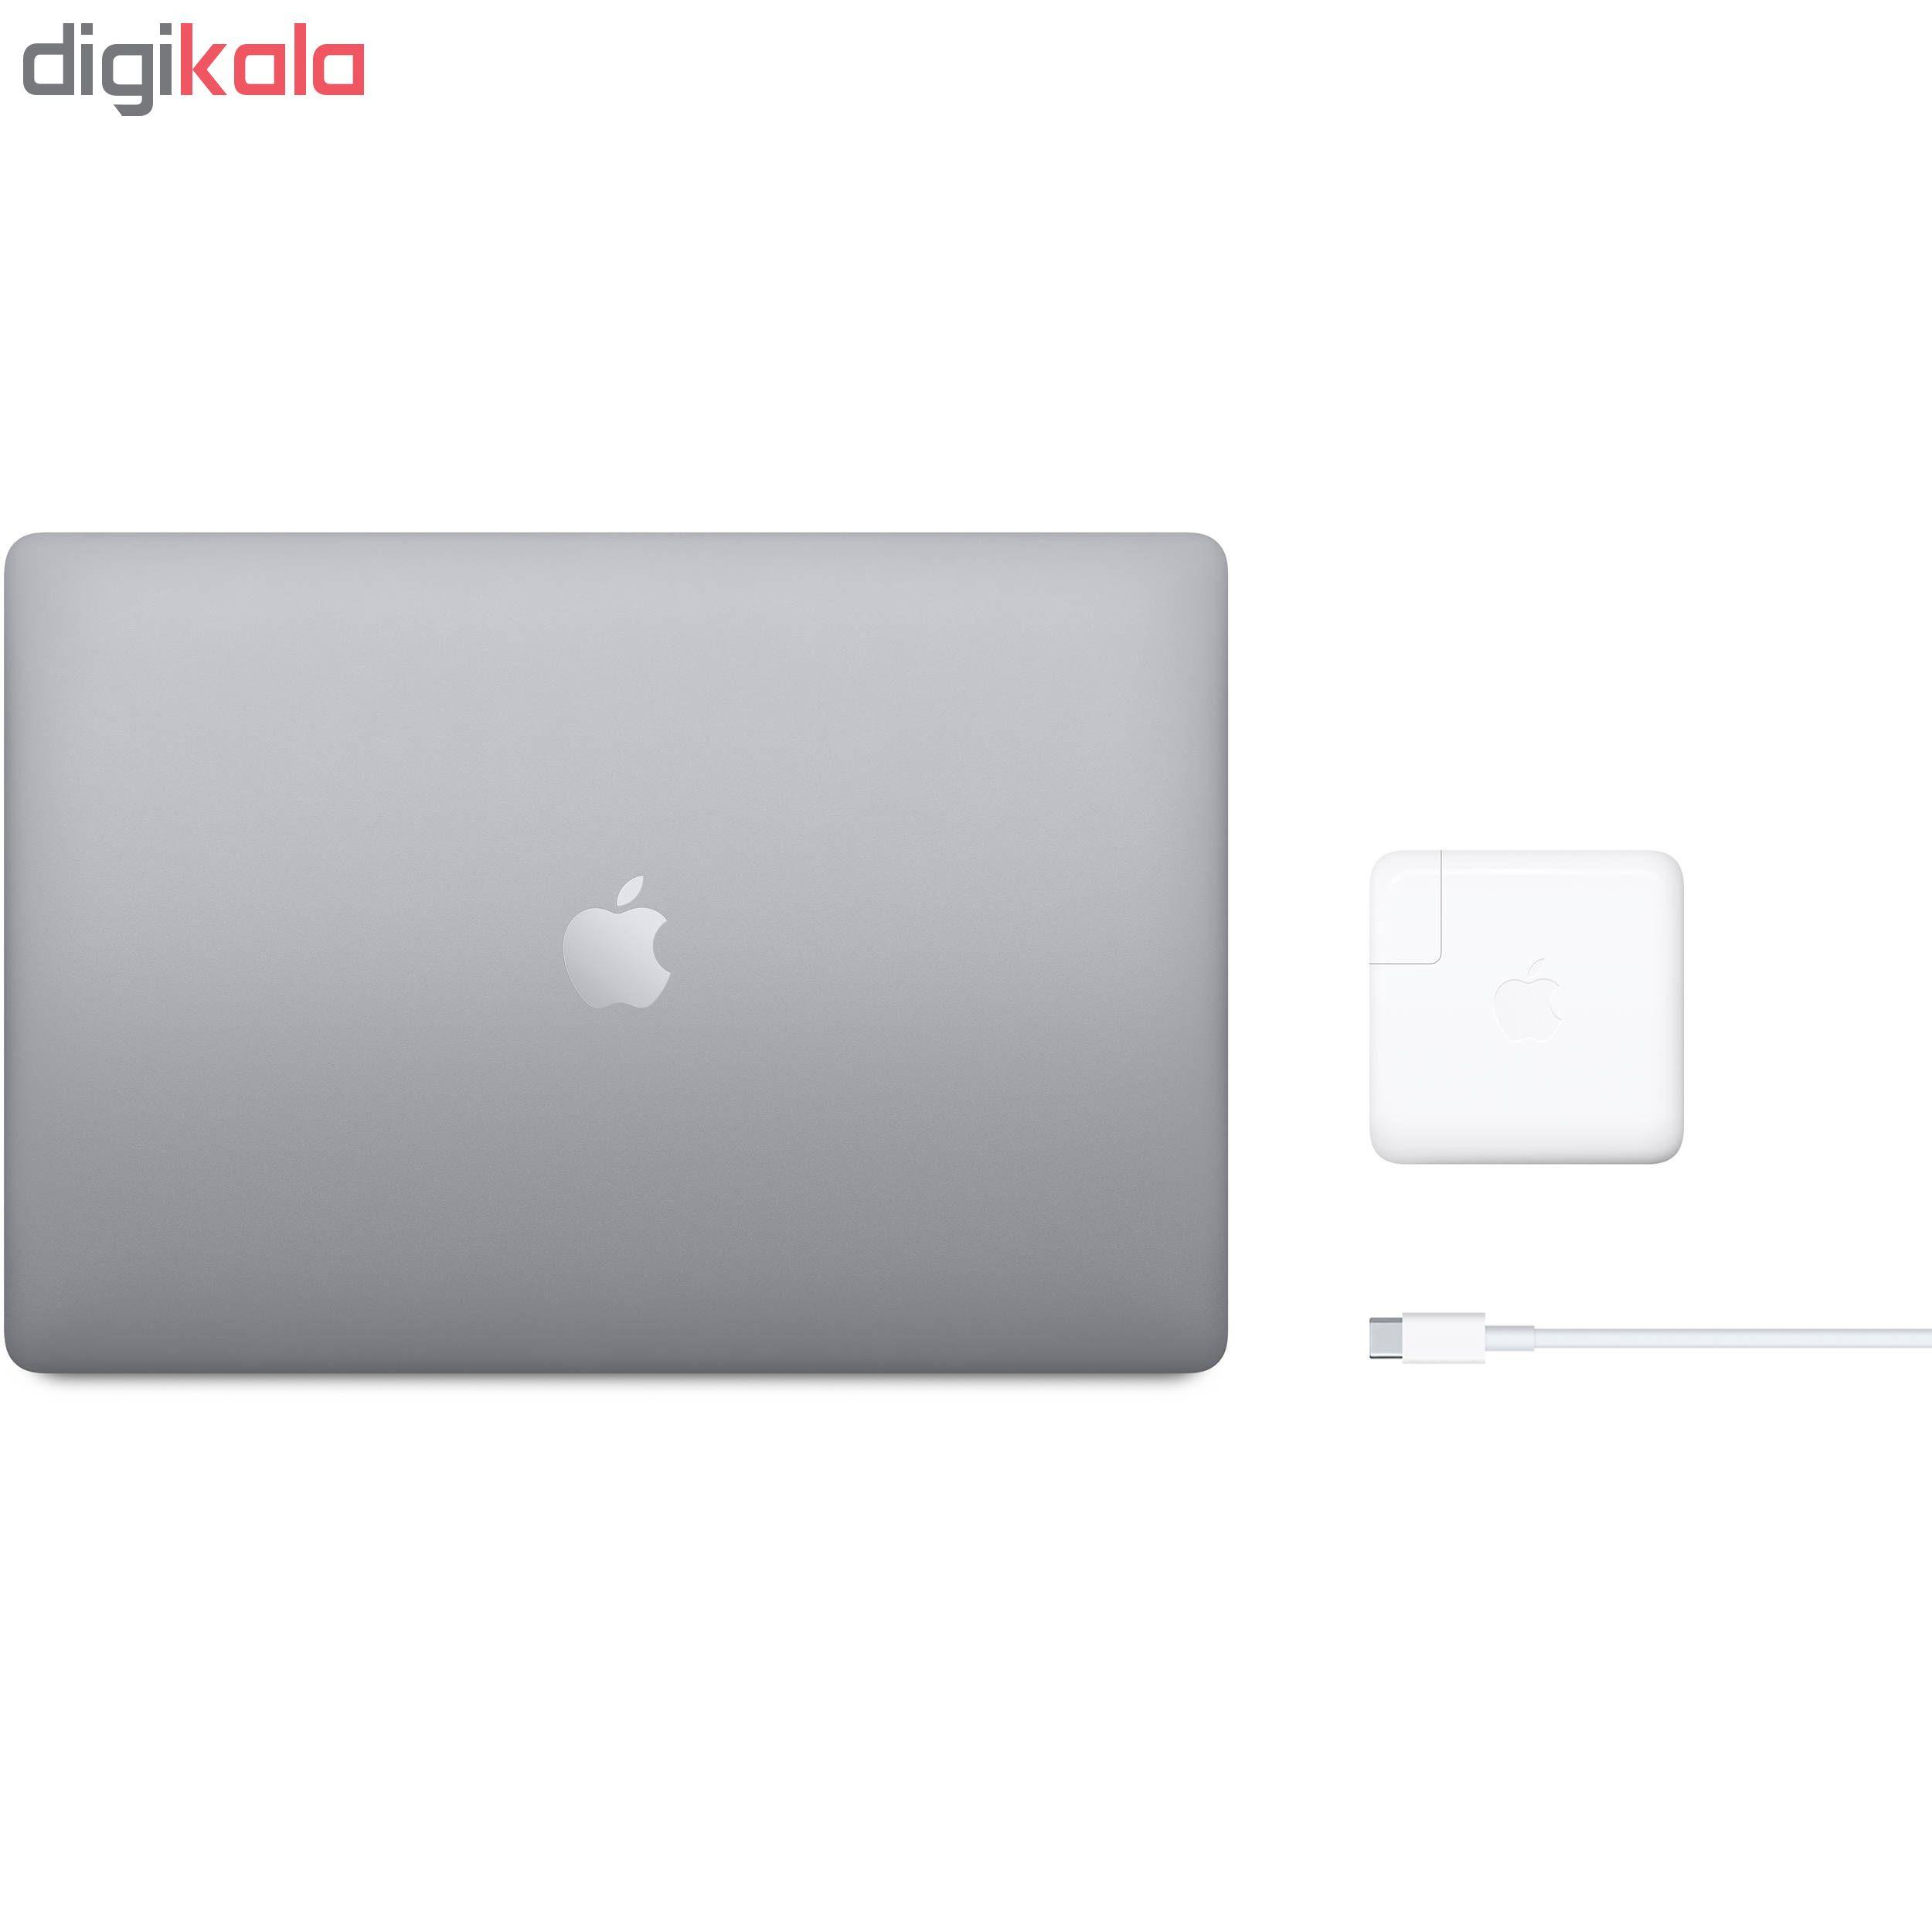 لپ تاپ 16 اینچی اپل مدل MacBook Pro MVVJ2 2019 همراه با تاچ بار main 1 6